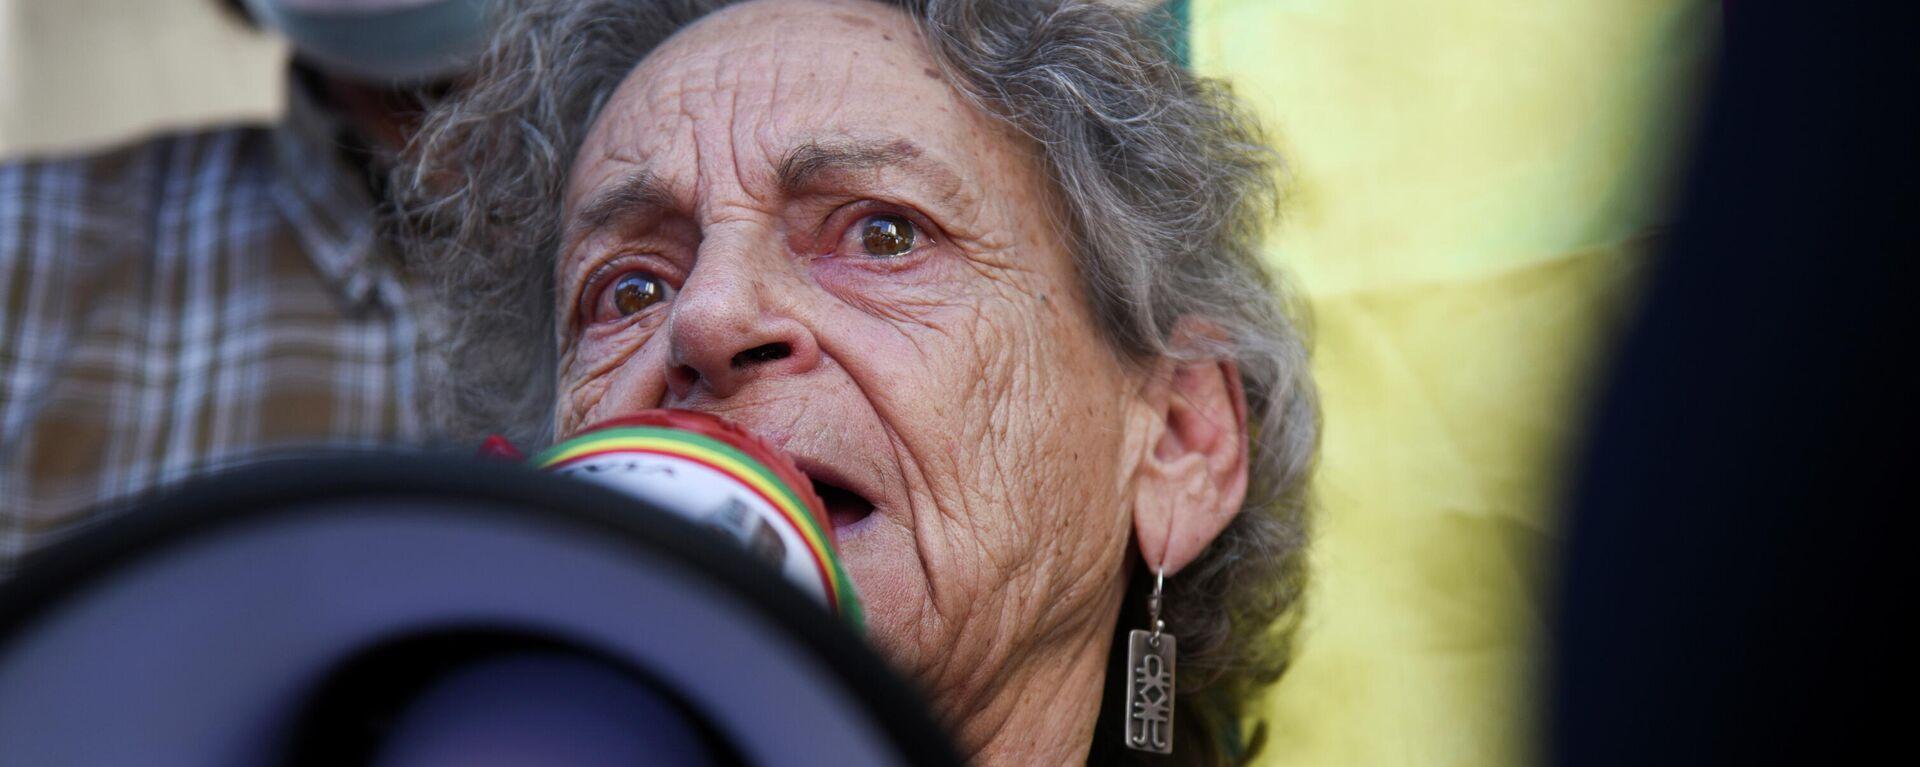 Amparo Carvajal, presidenta de la Asamblea Permanente de Derechos Humanos de Bolivia (APDHB) - Sputnik Mundo, 1920, 07.09.2021